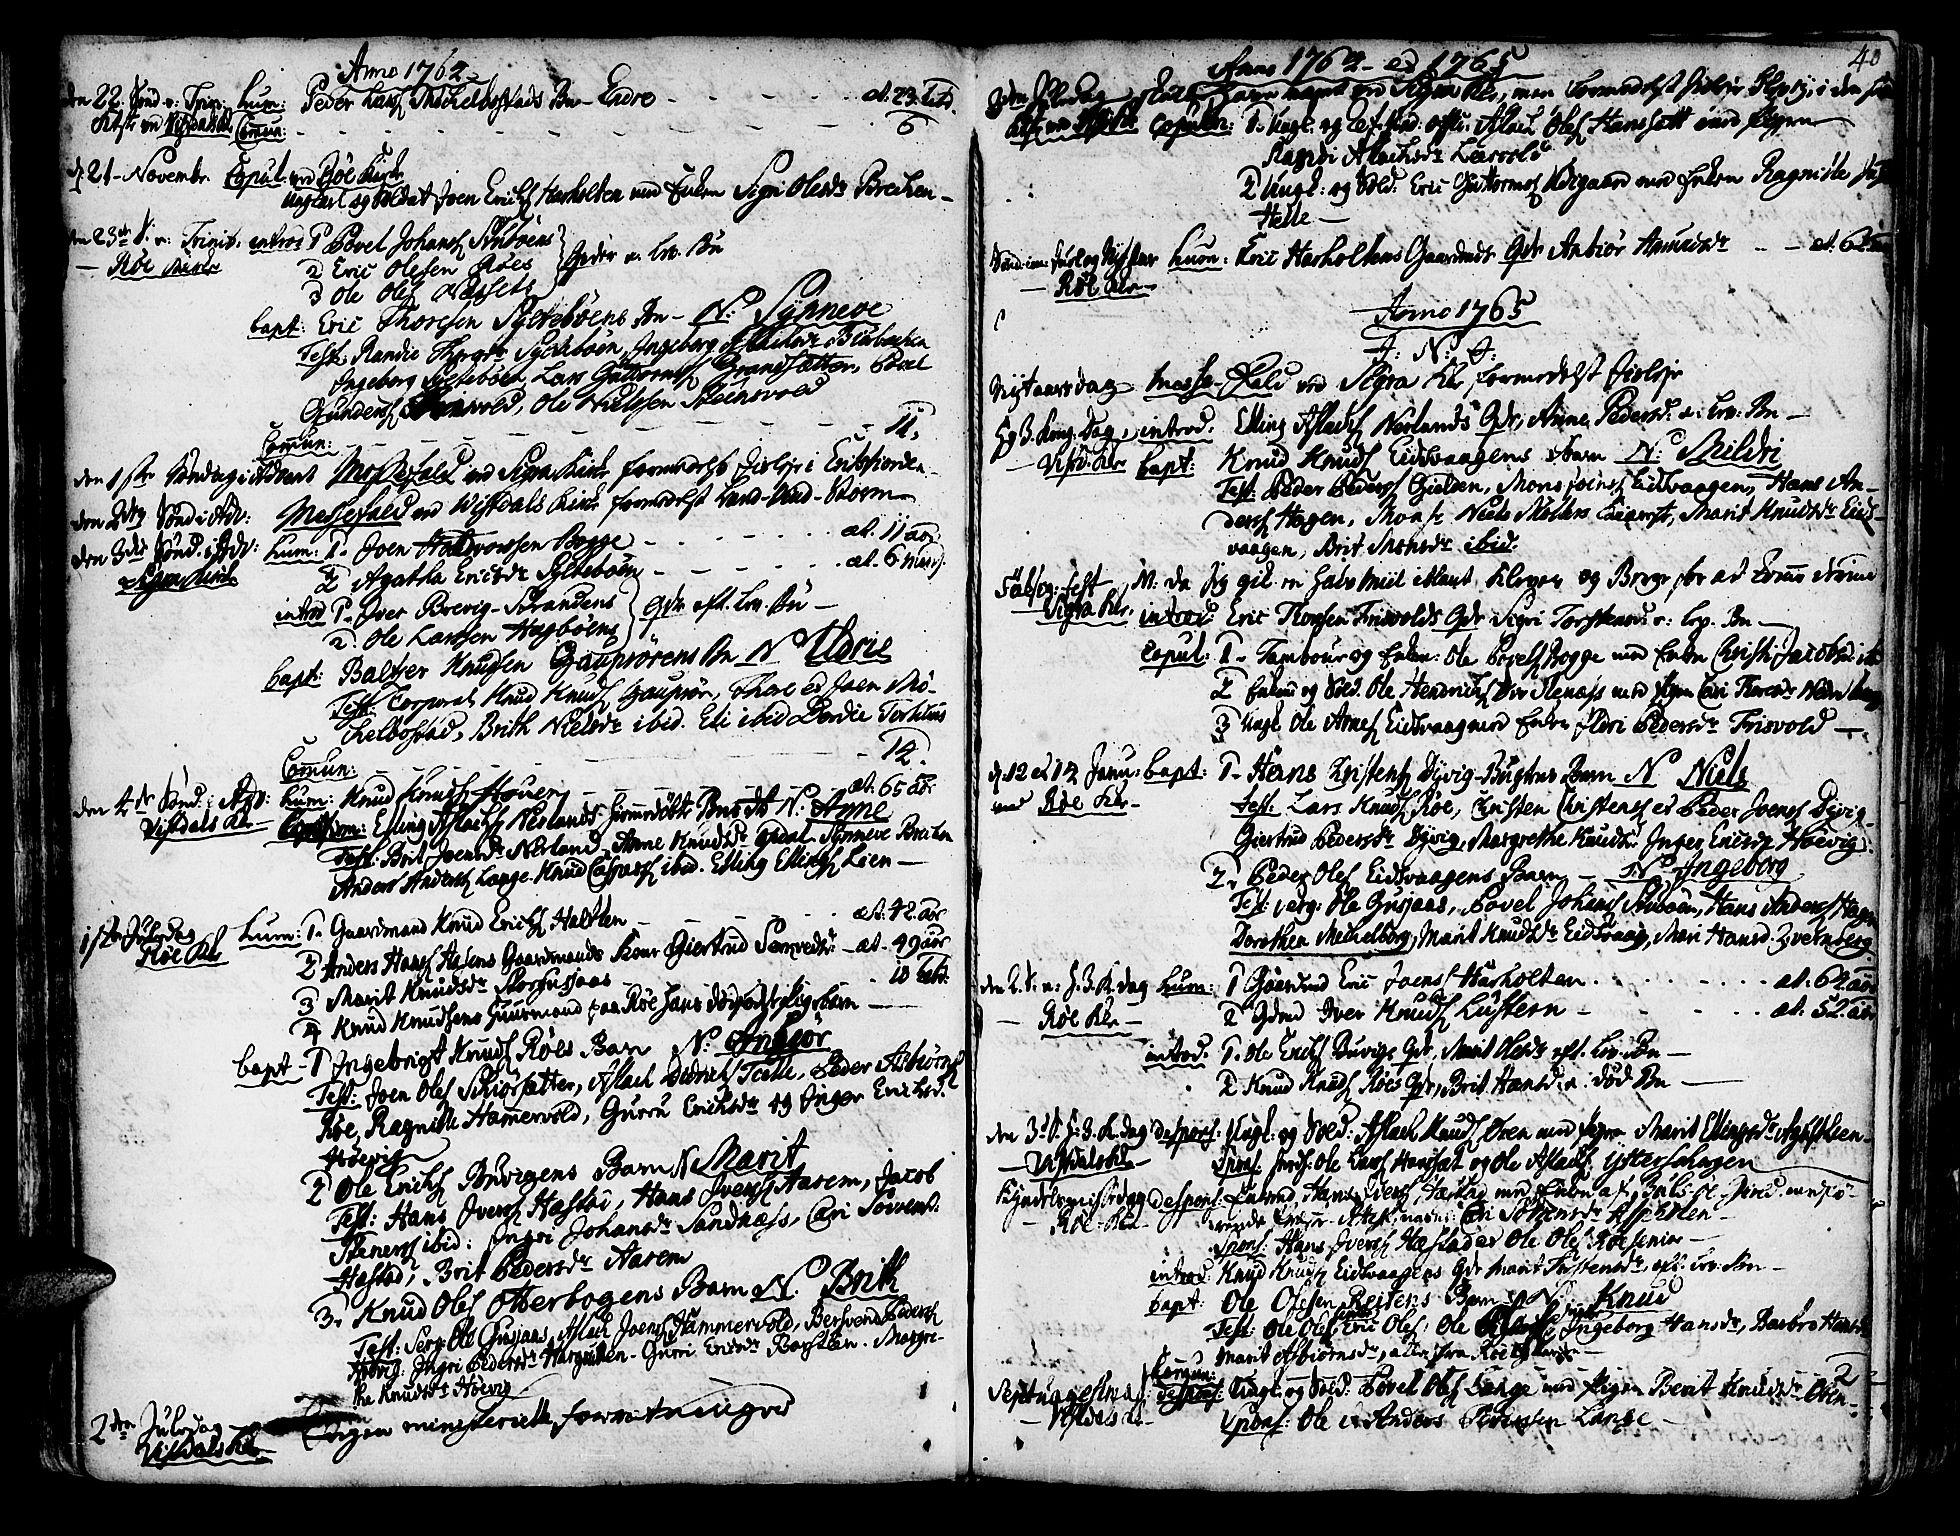 SAT, Ministerialprotokoller, klokkerbøker og fødselsregistre - Møre og Romsdal, 551/L0621: Parish register (official) no. 551A01, 1757-1803, p. 40